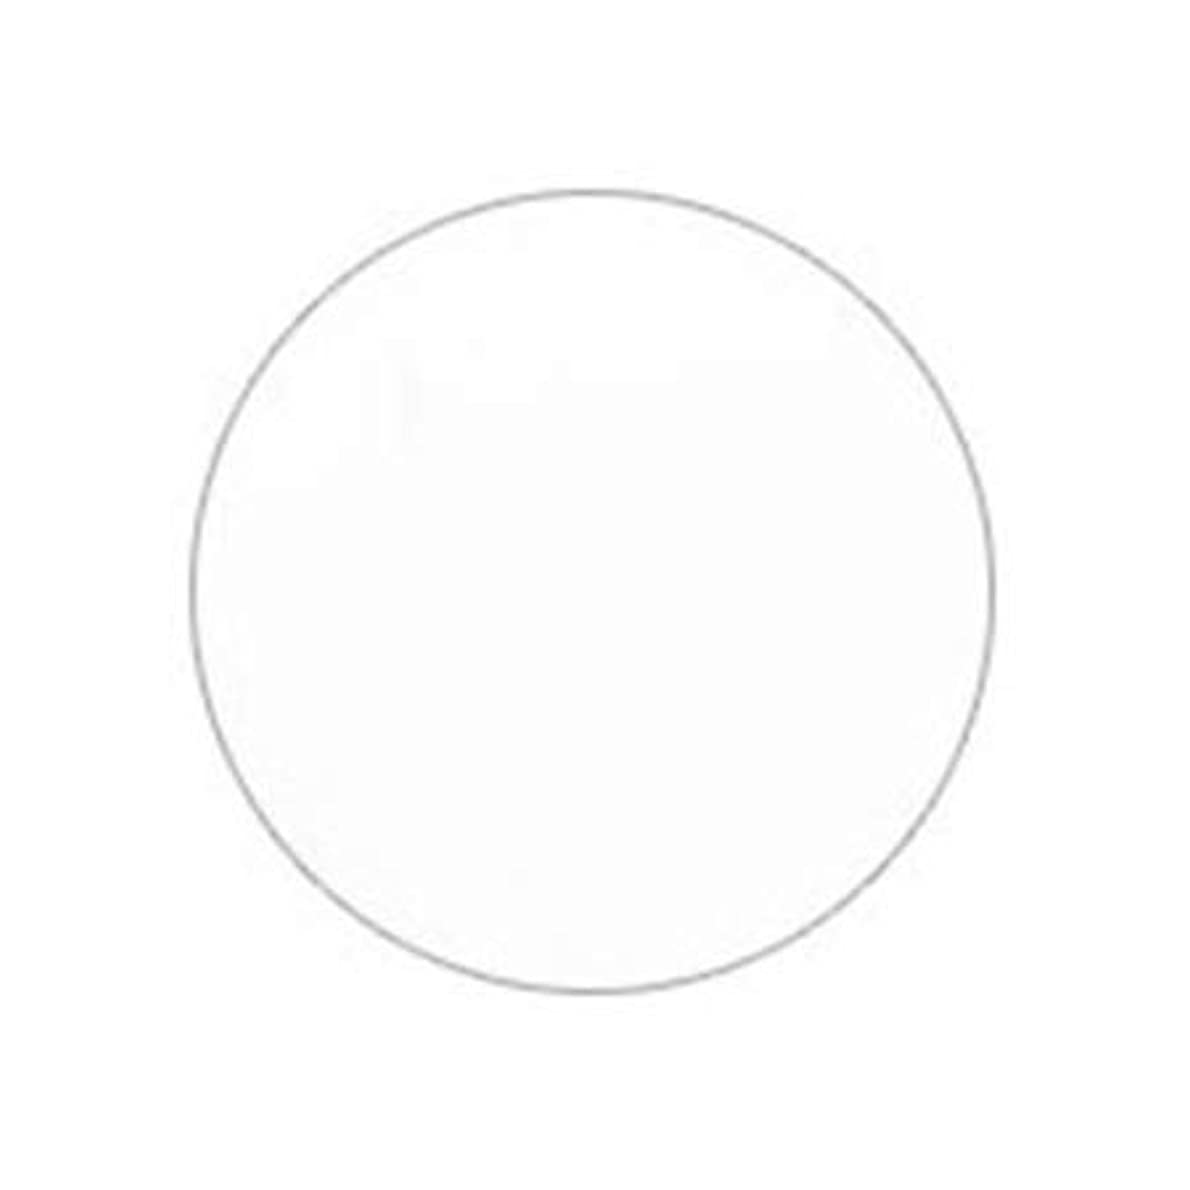 支援する争うブラケットPutiel プティール カラージェル 201 ホワイト 4g